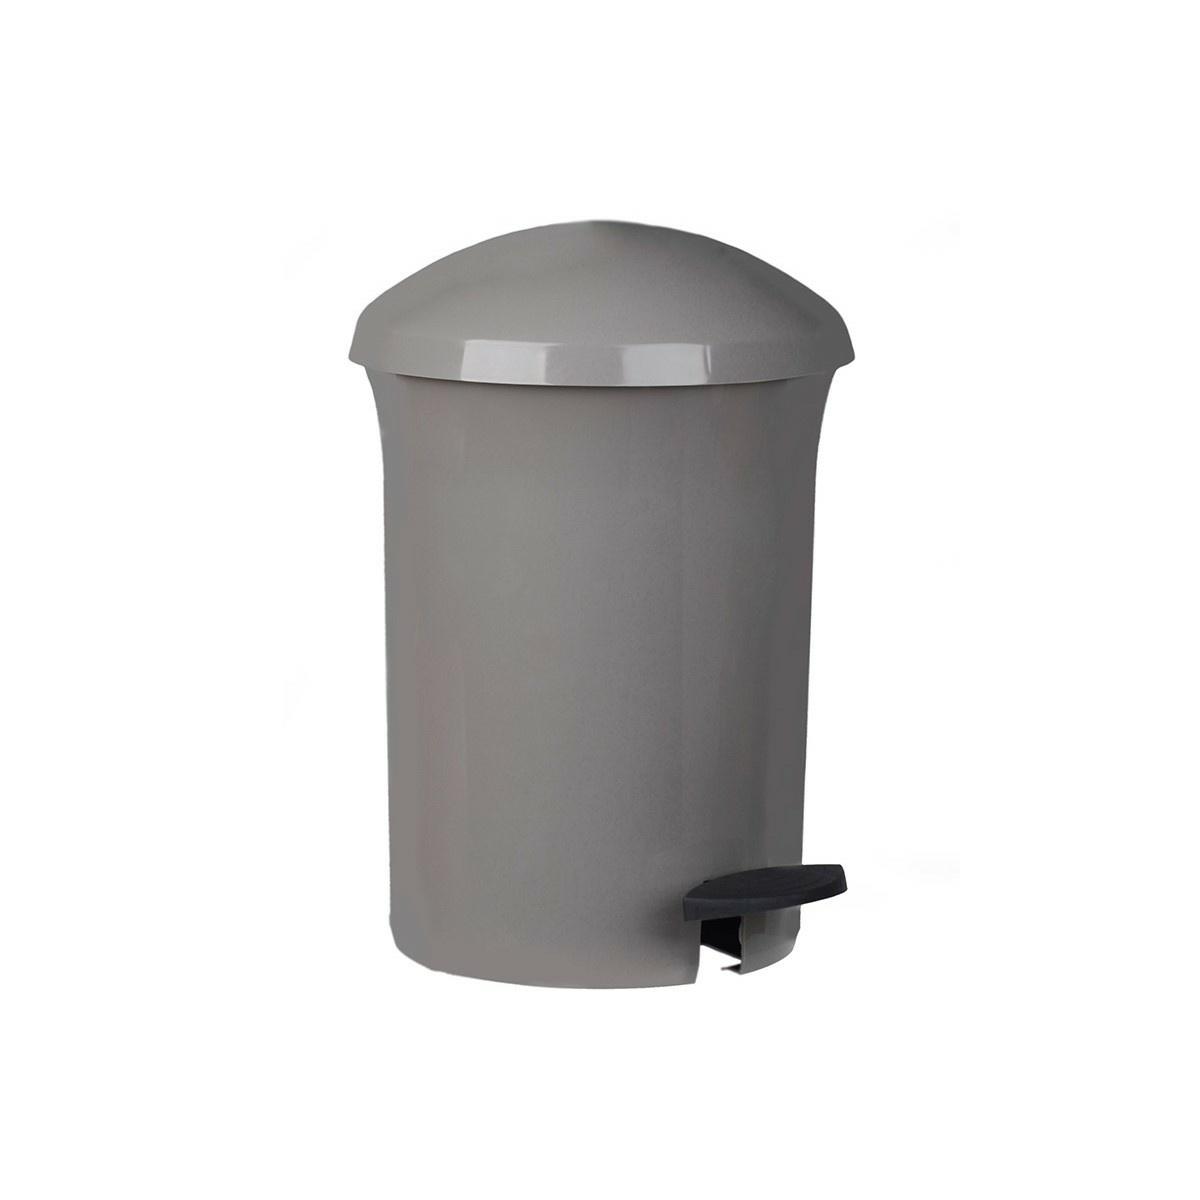 Coș de gunoi Aldotrade Dust Bin, cu pedală, 8,1 l, gri imagine 2021 e4home.ro